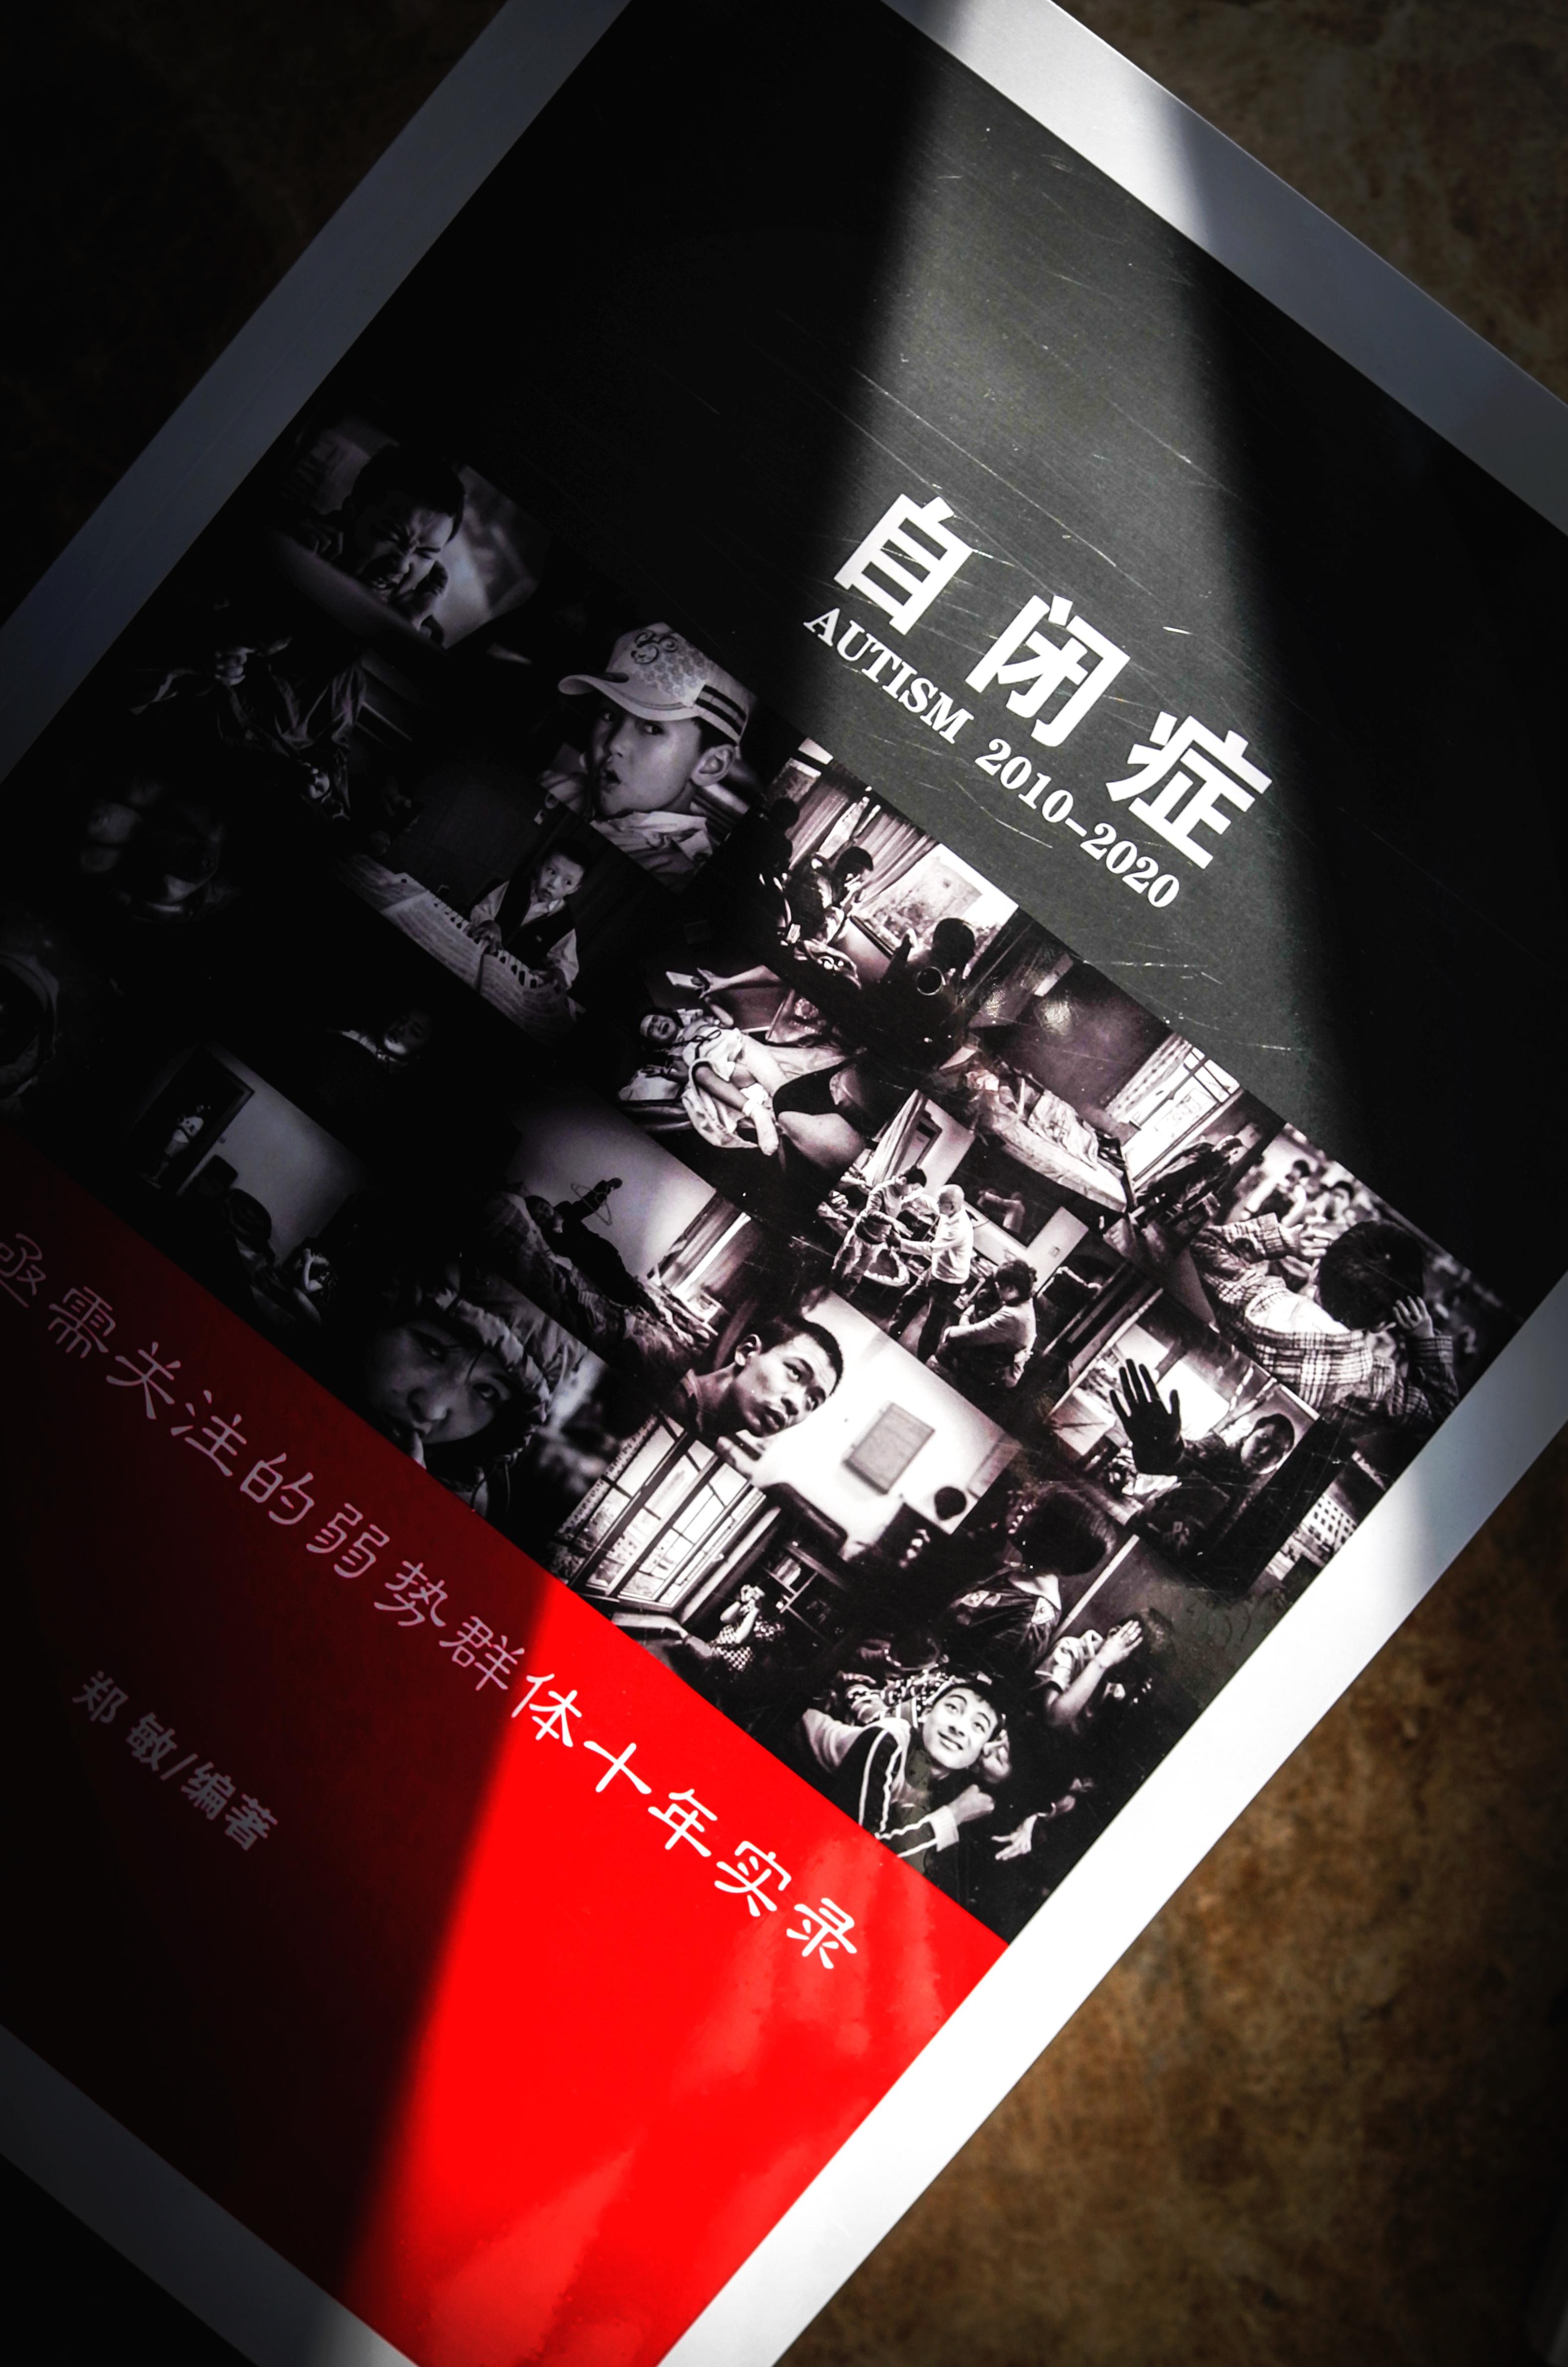 郑敏自行编辑制作的画册《一个亟需关注的弱势群体十年实录》。